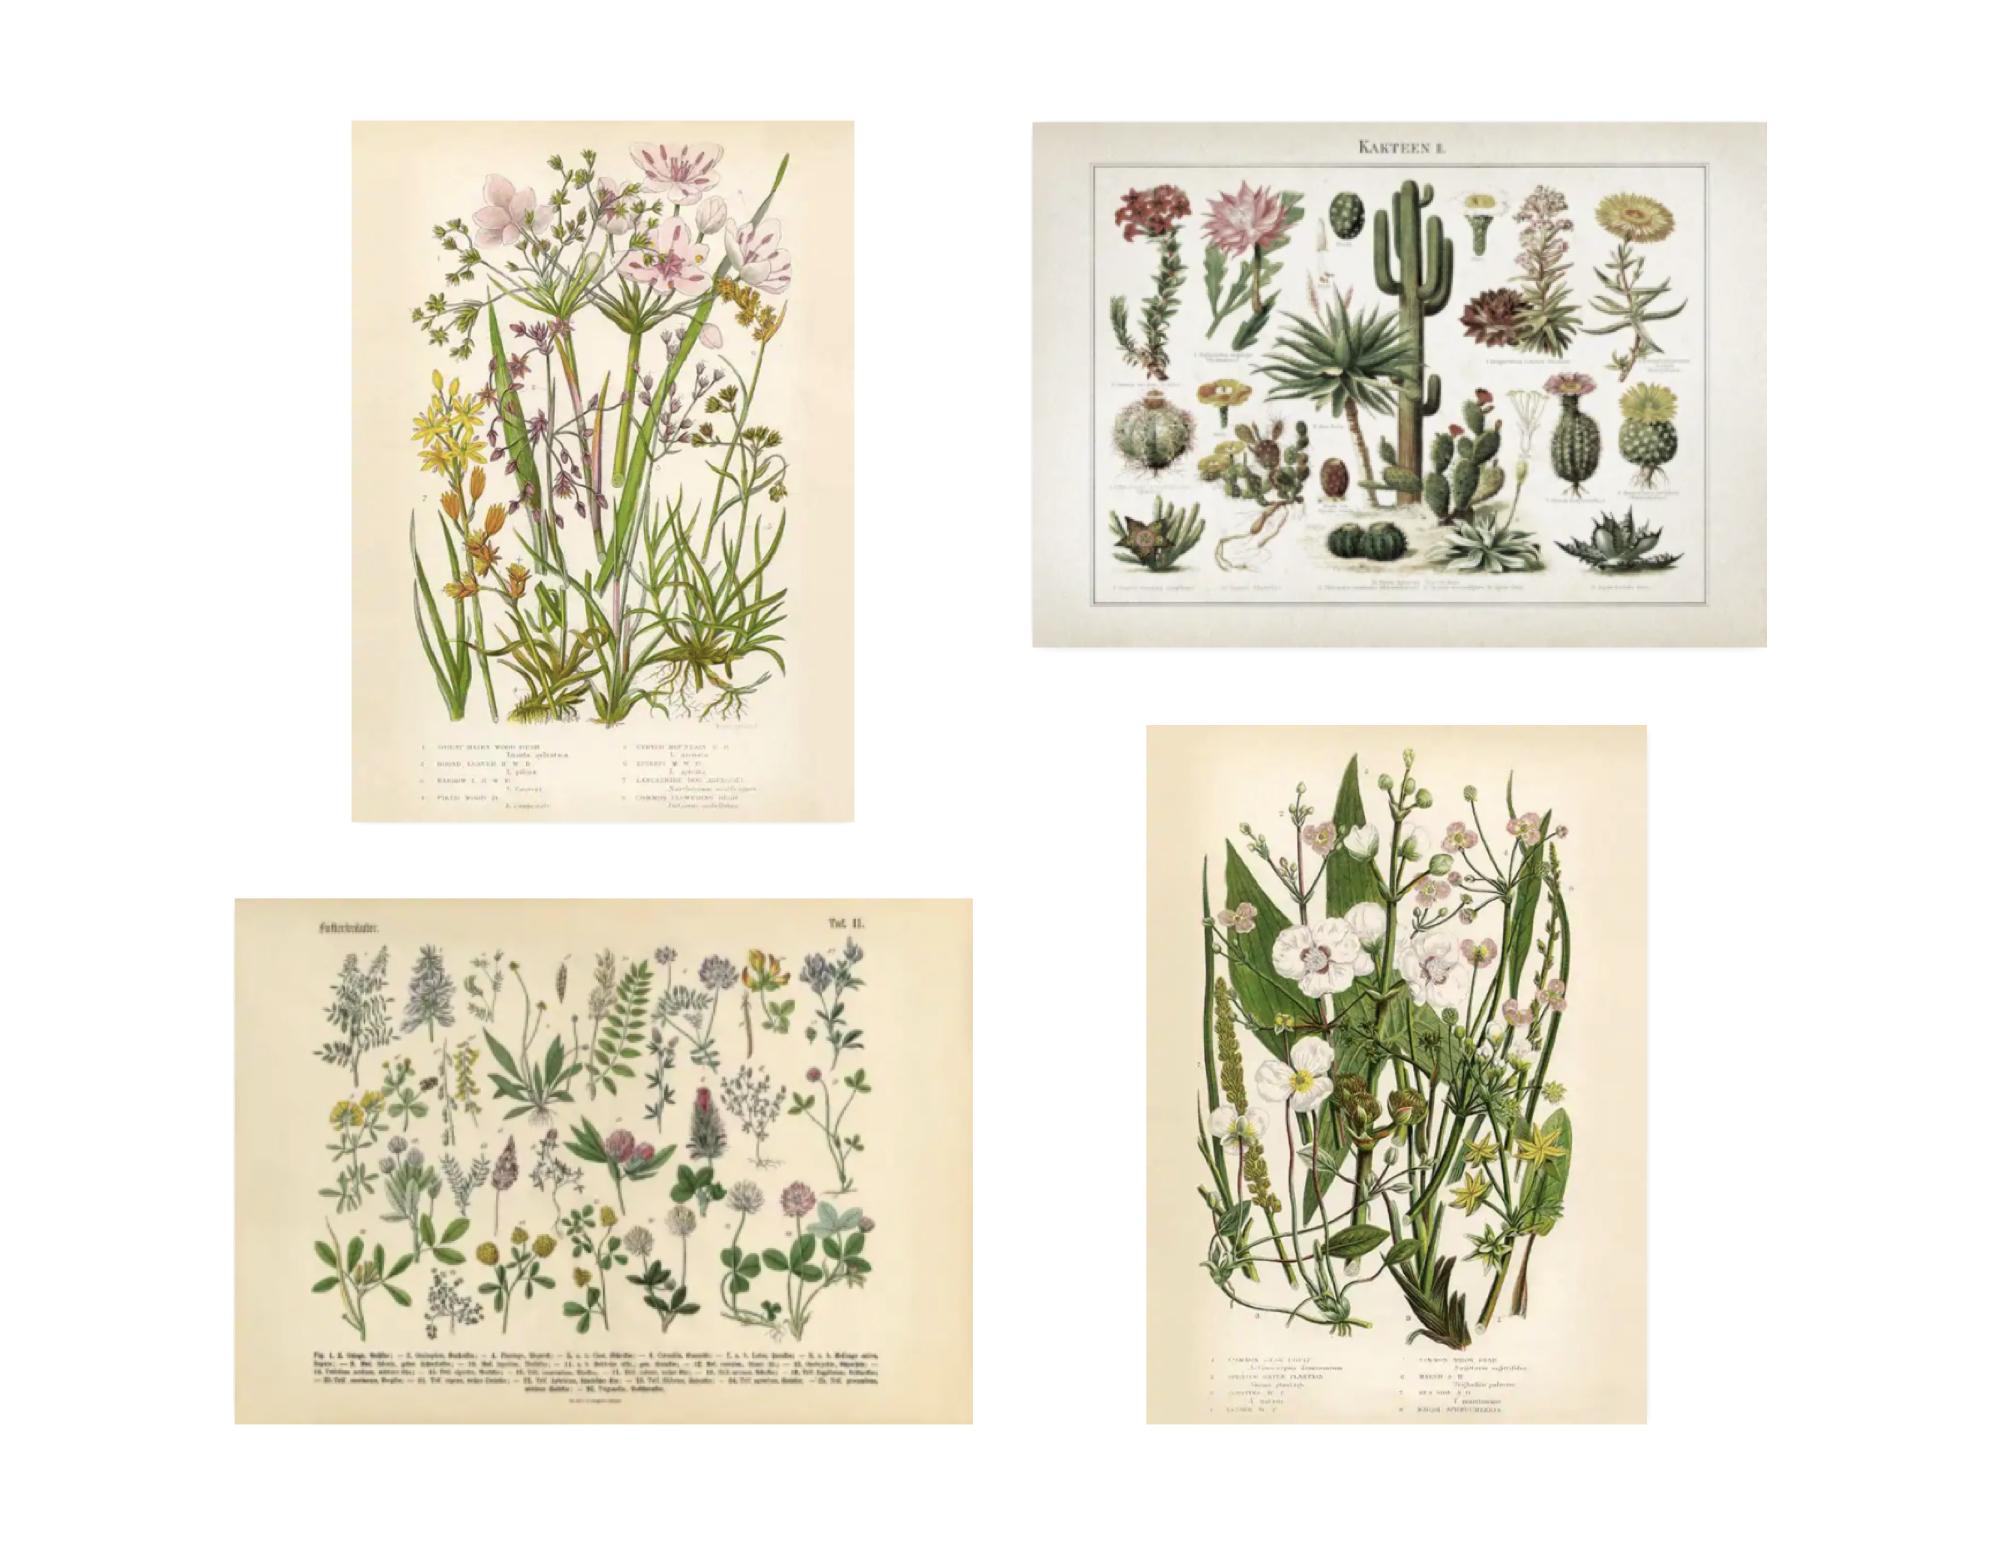 association affiche deco desenio exemple thématique nature herbier vintage affiche école musée plantes fleurs variétés